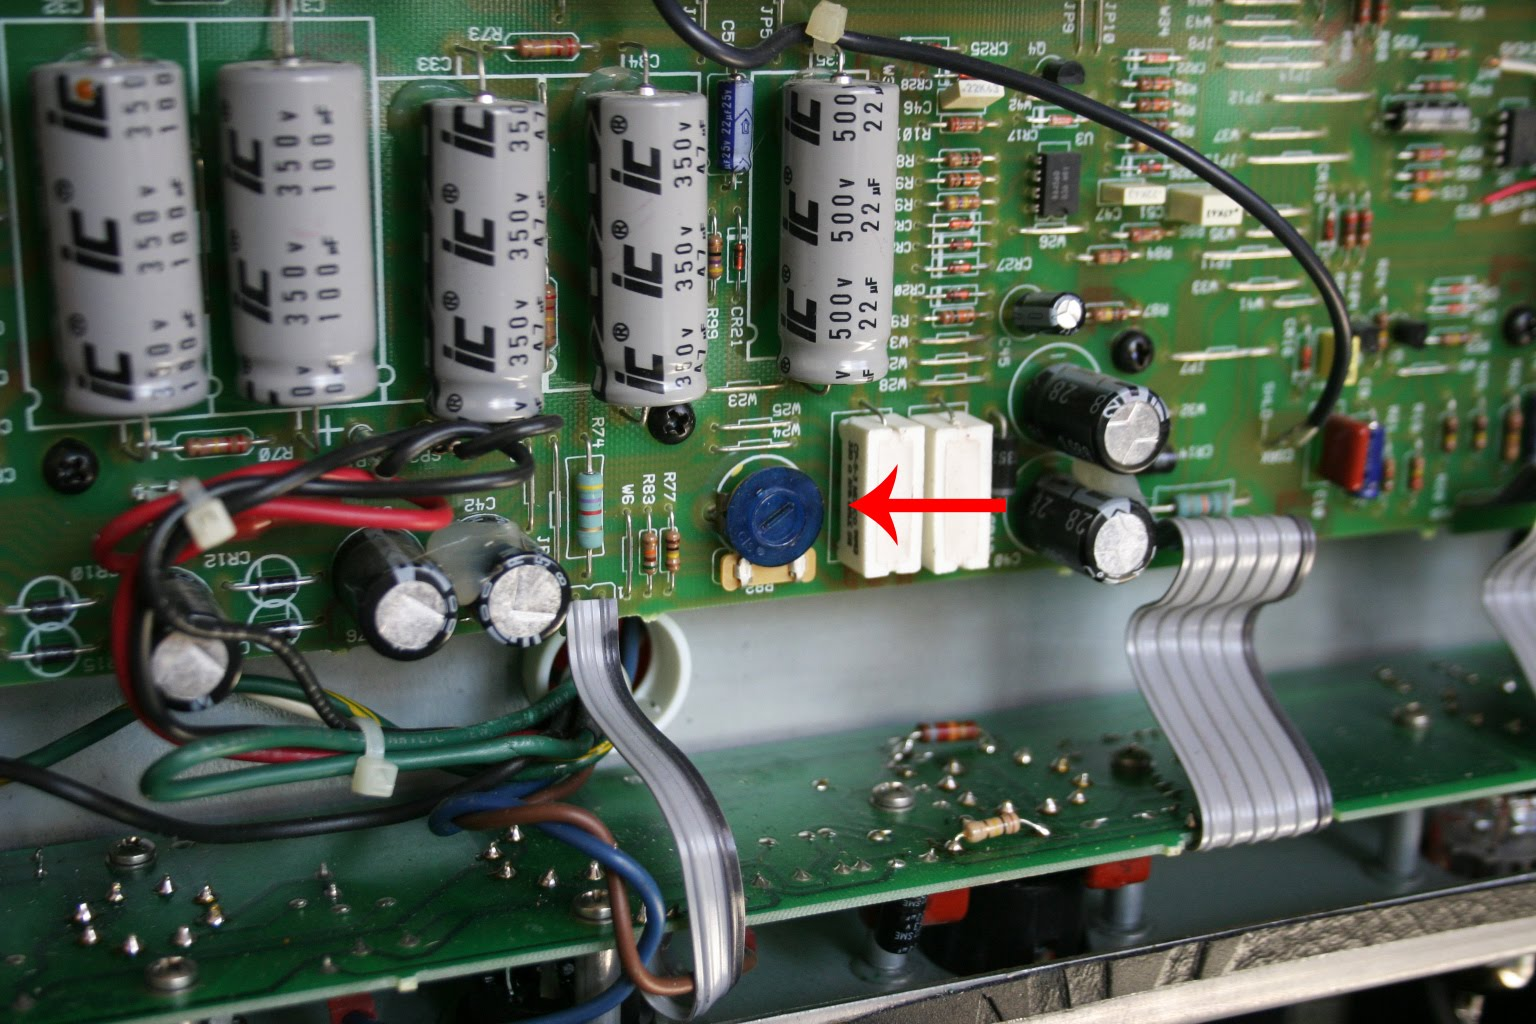 Fender Hot Rod Deluxe Wiring Diagram 2005 Suzuki Eiger 400 Deville Library